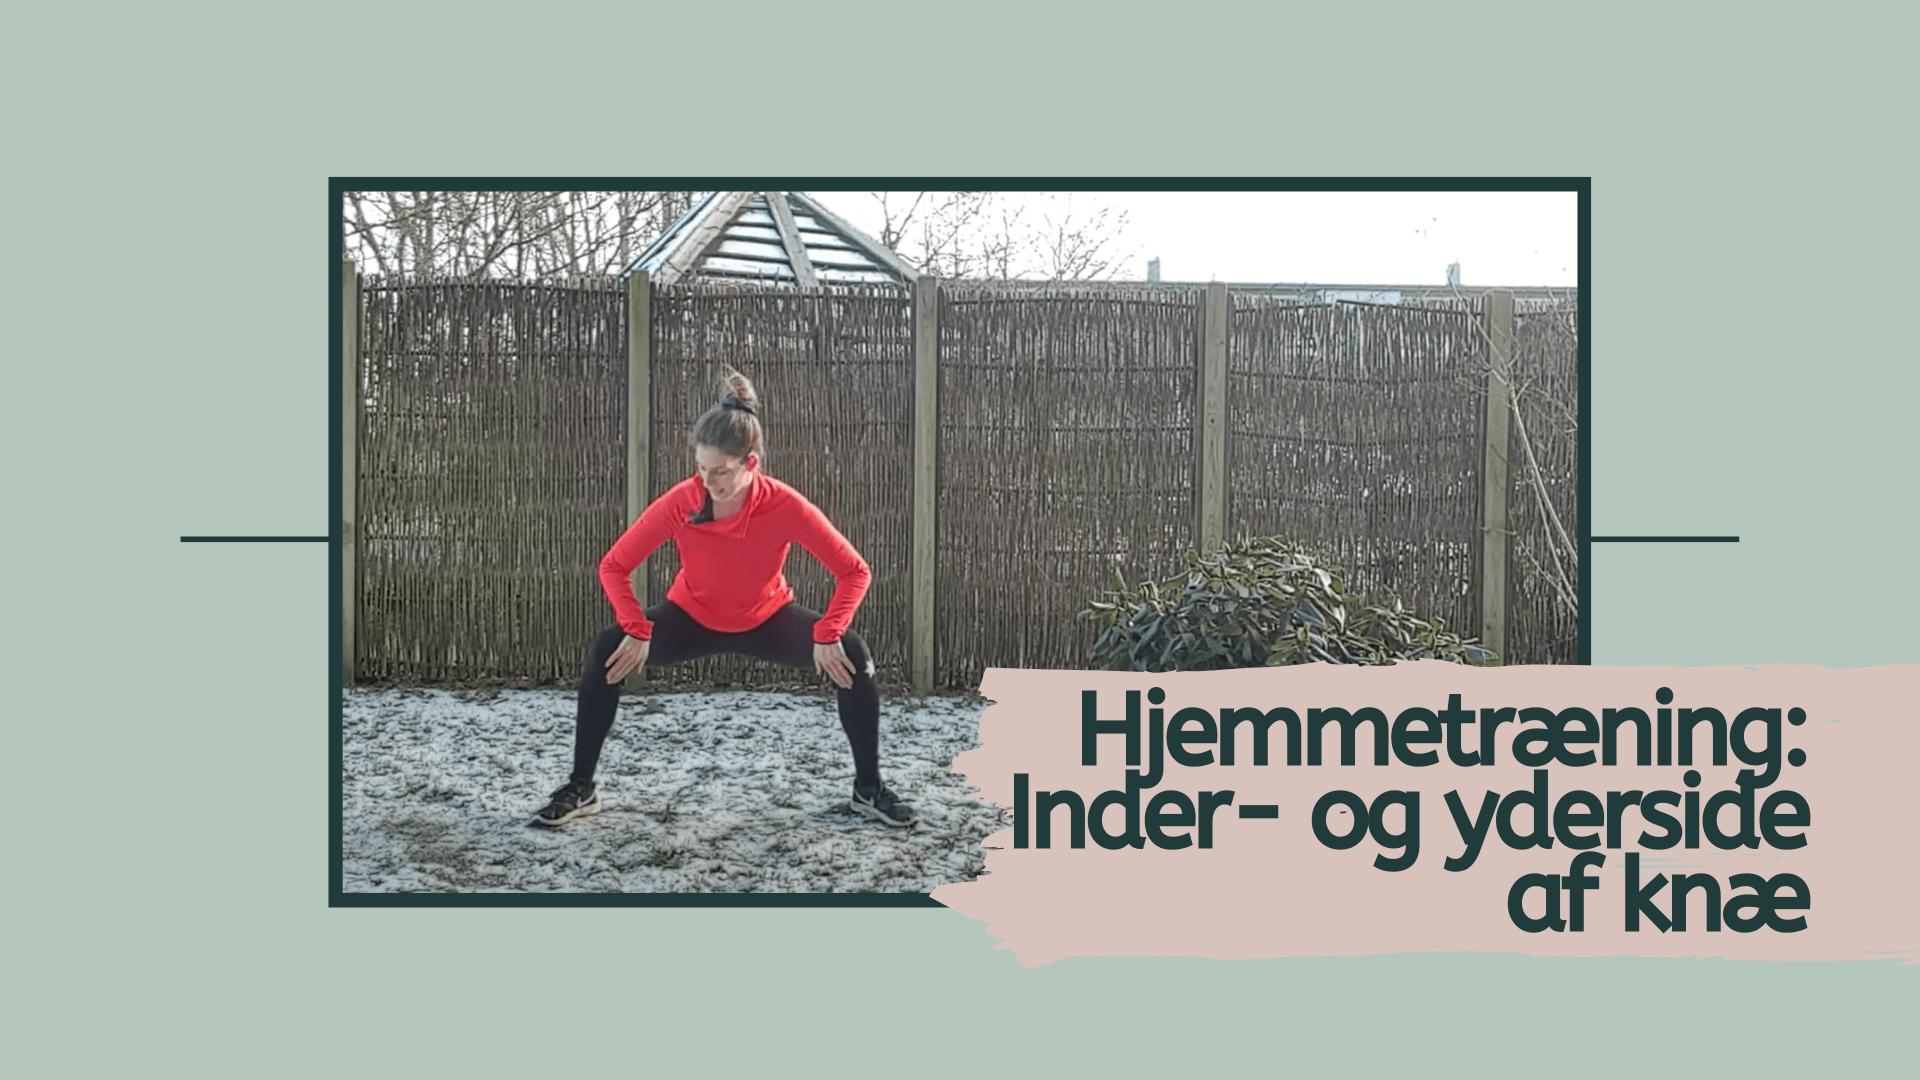 Hjemmetræning af inderside og yderside af knæ